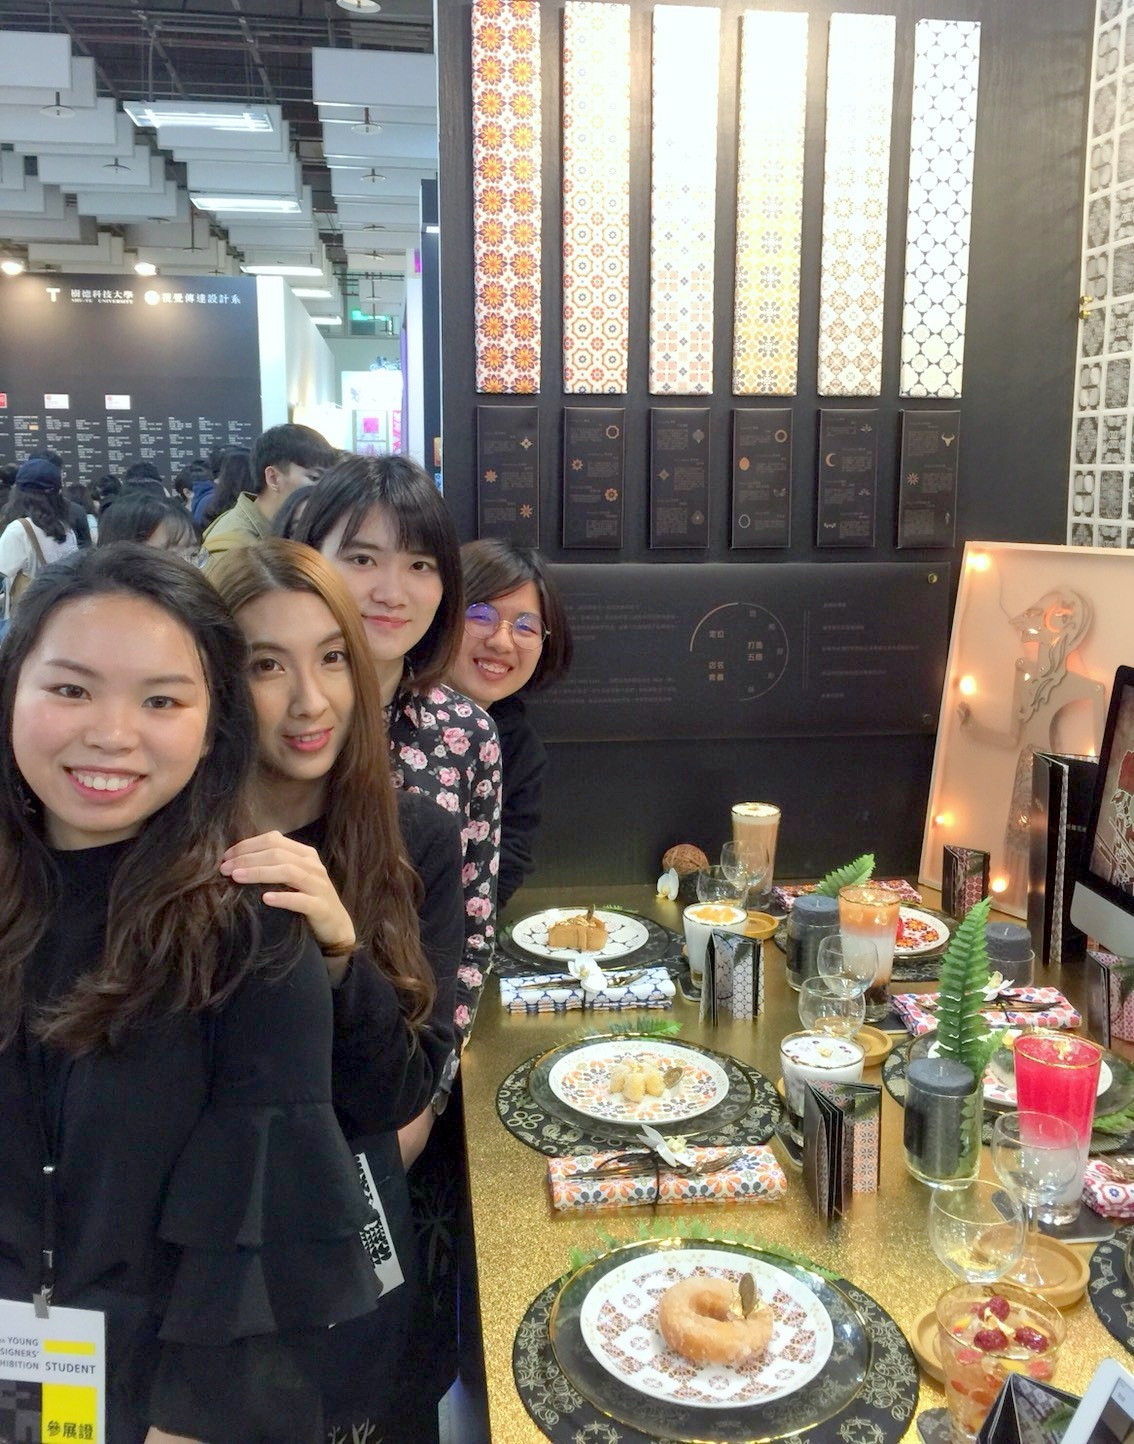 中原大學4位大馬外籍生以許多具有回憶與民族味道的馬來文化與糕點呈現餐廳設計.jpg